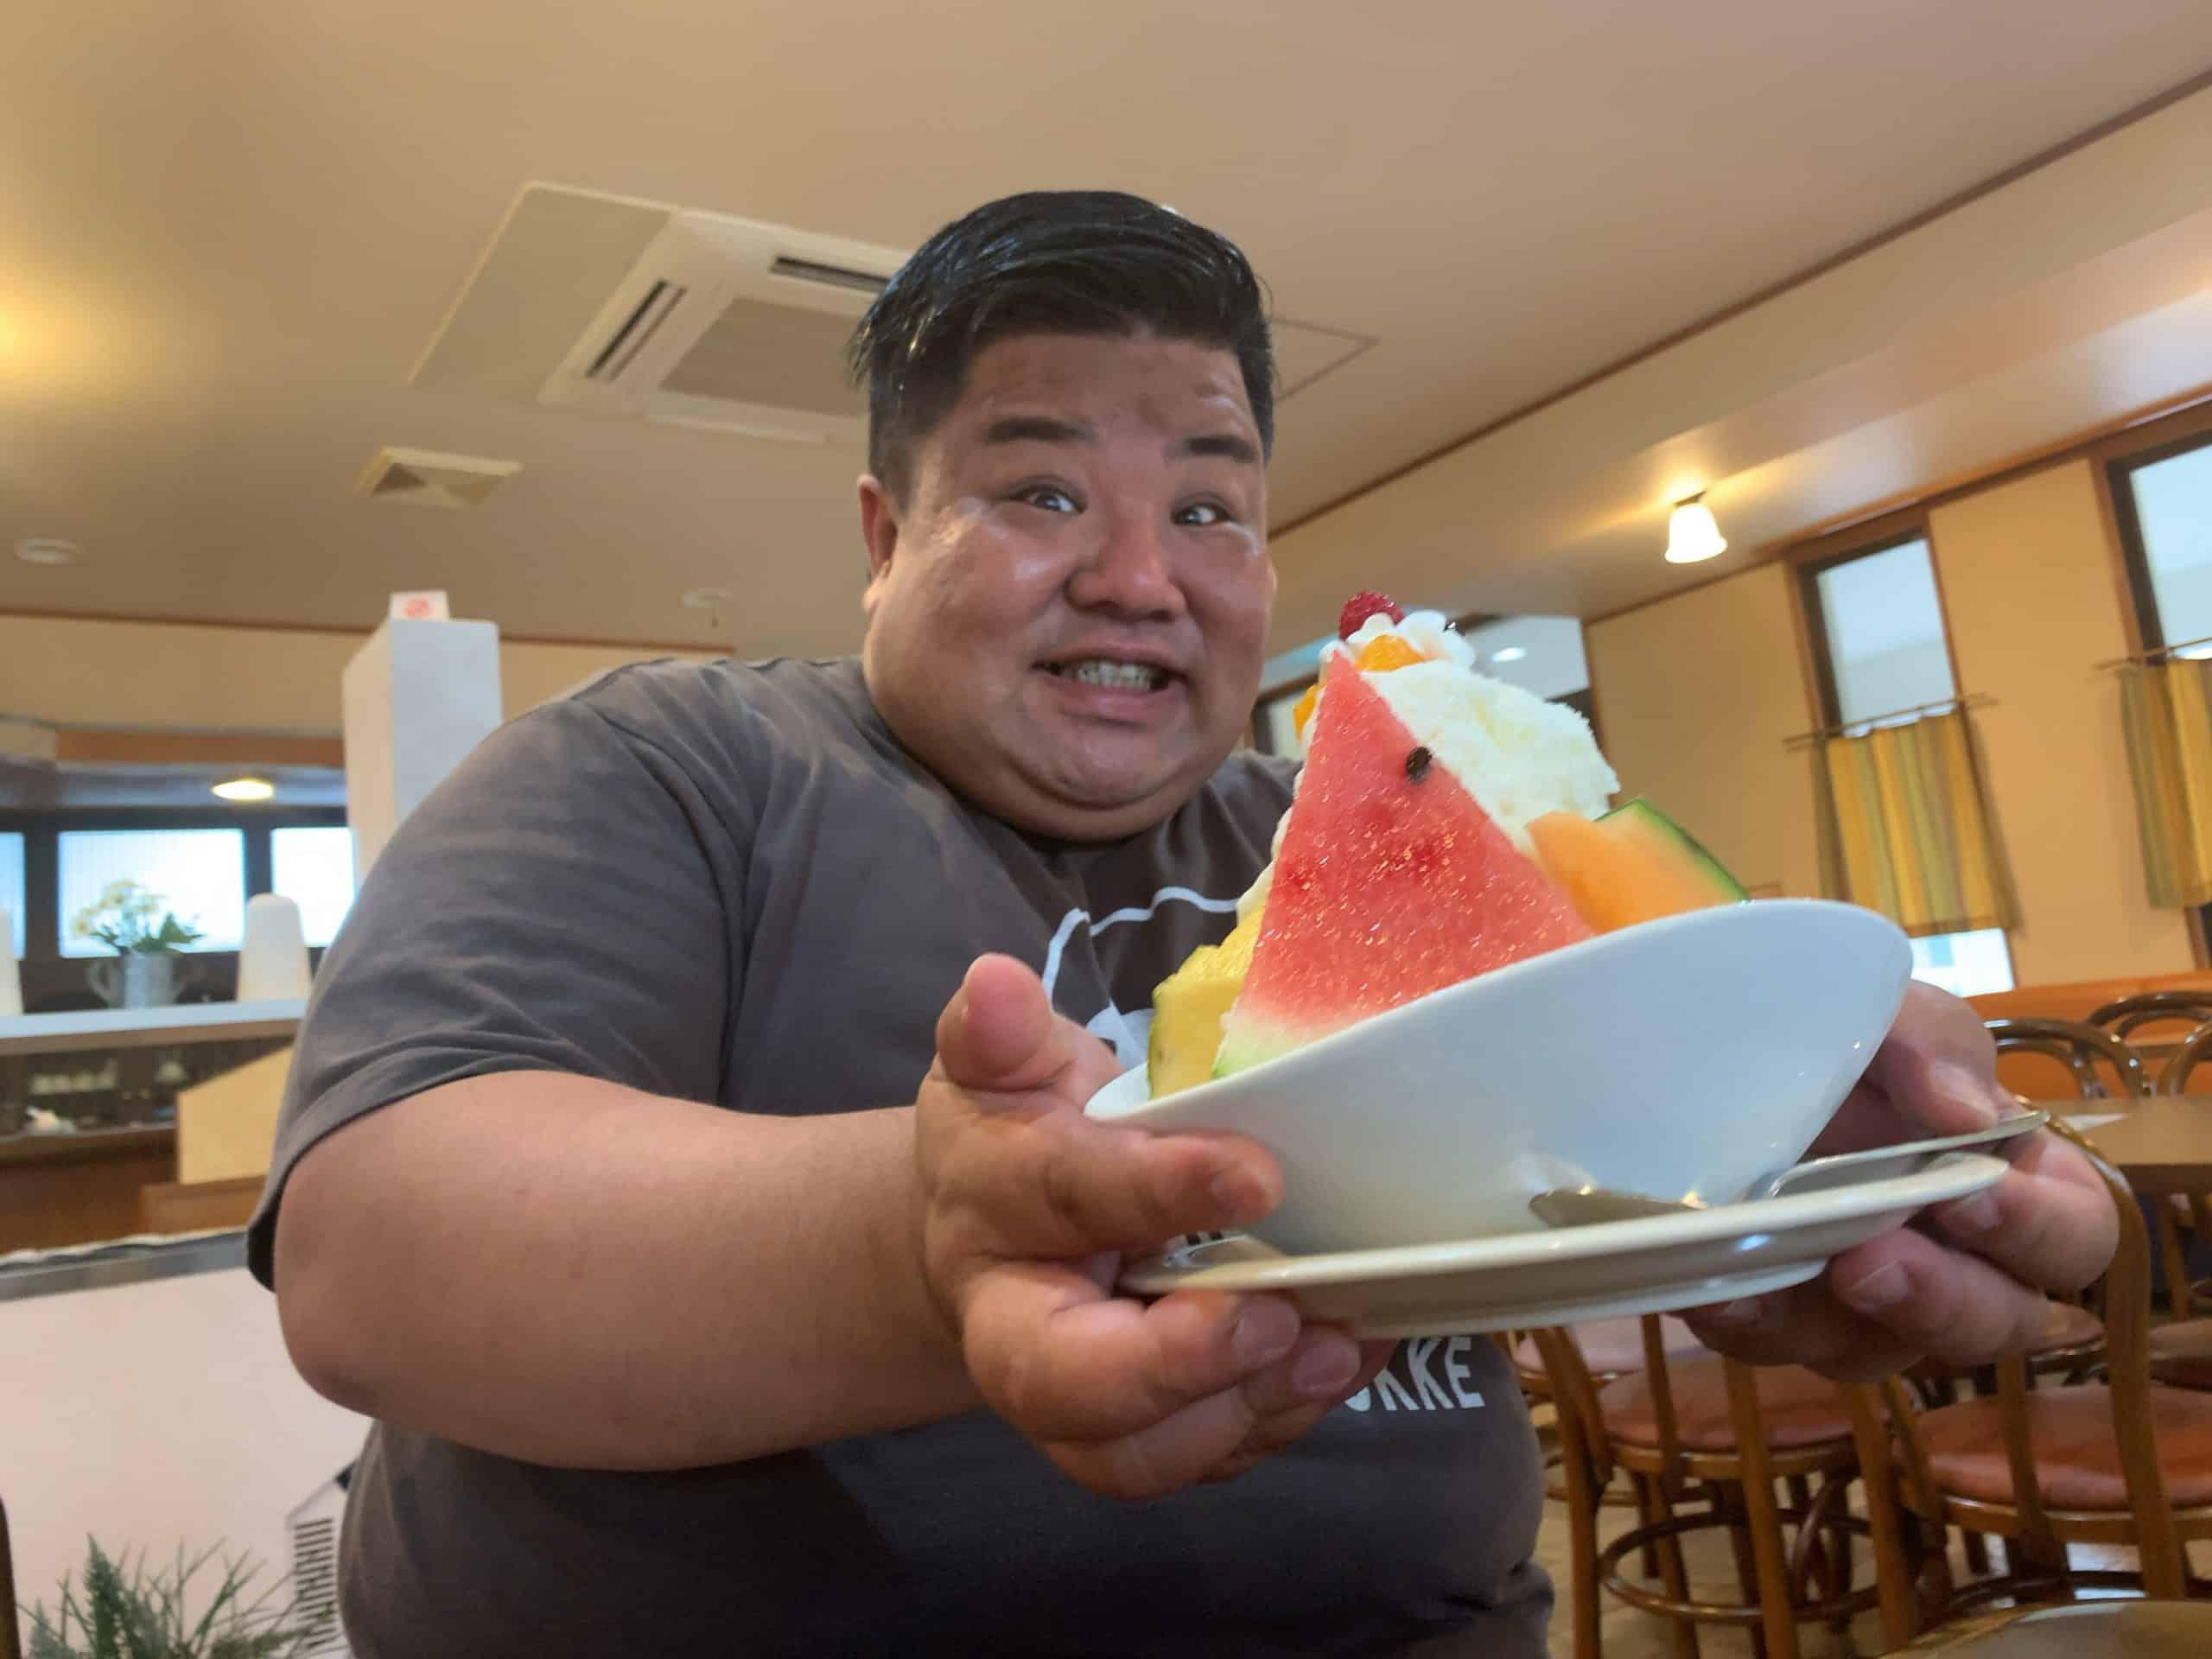 【シルクベール】いちき串木野市たけどんが家族で愛する「しろくま」を食べに行った